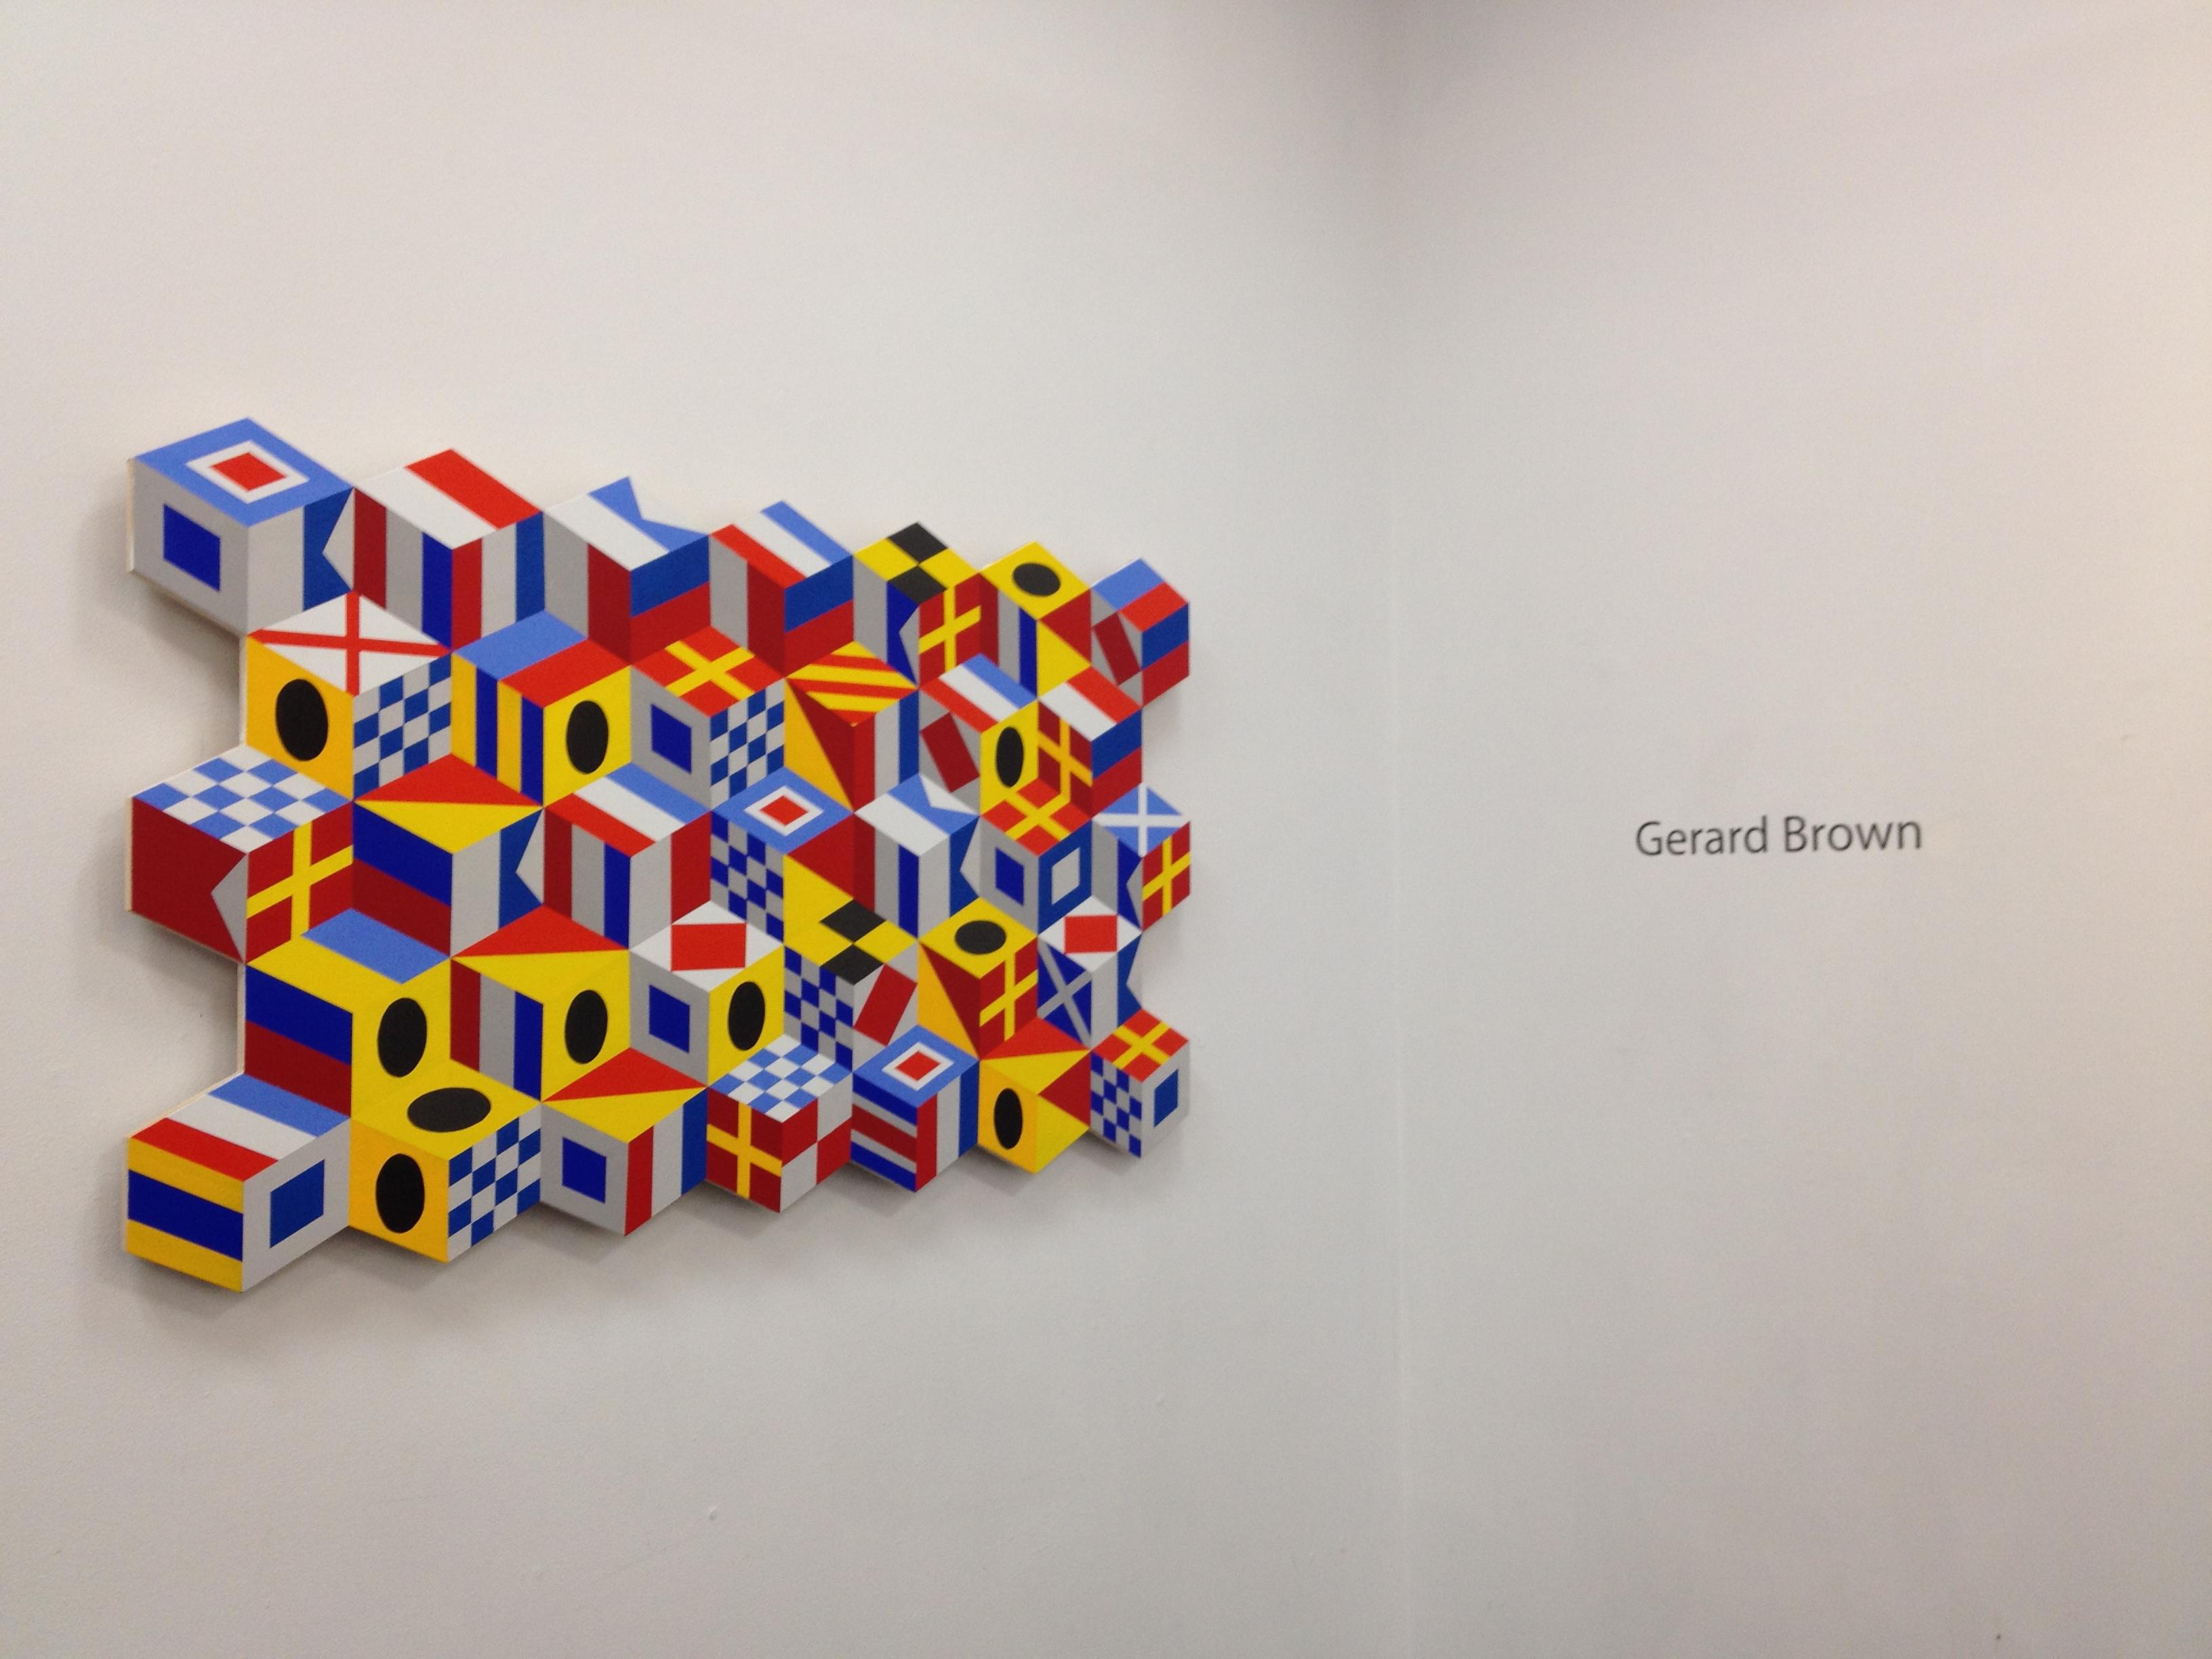 Gerard Brown at Abington Art Center exhibition entrance